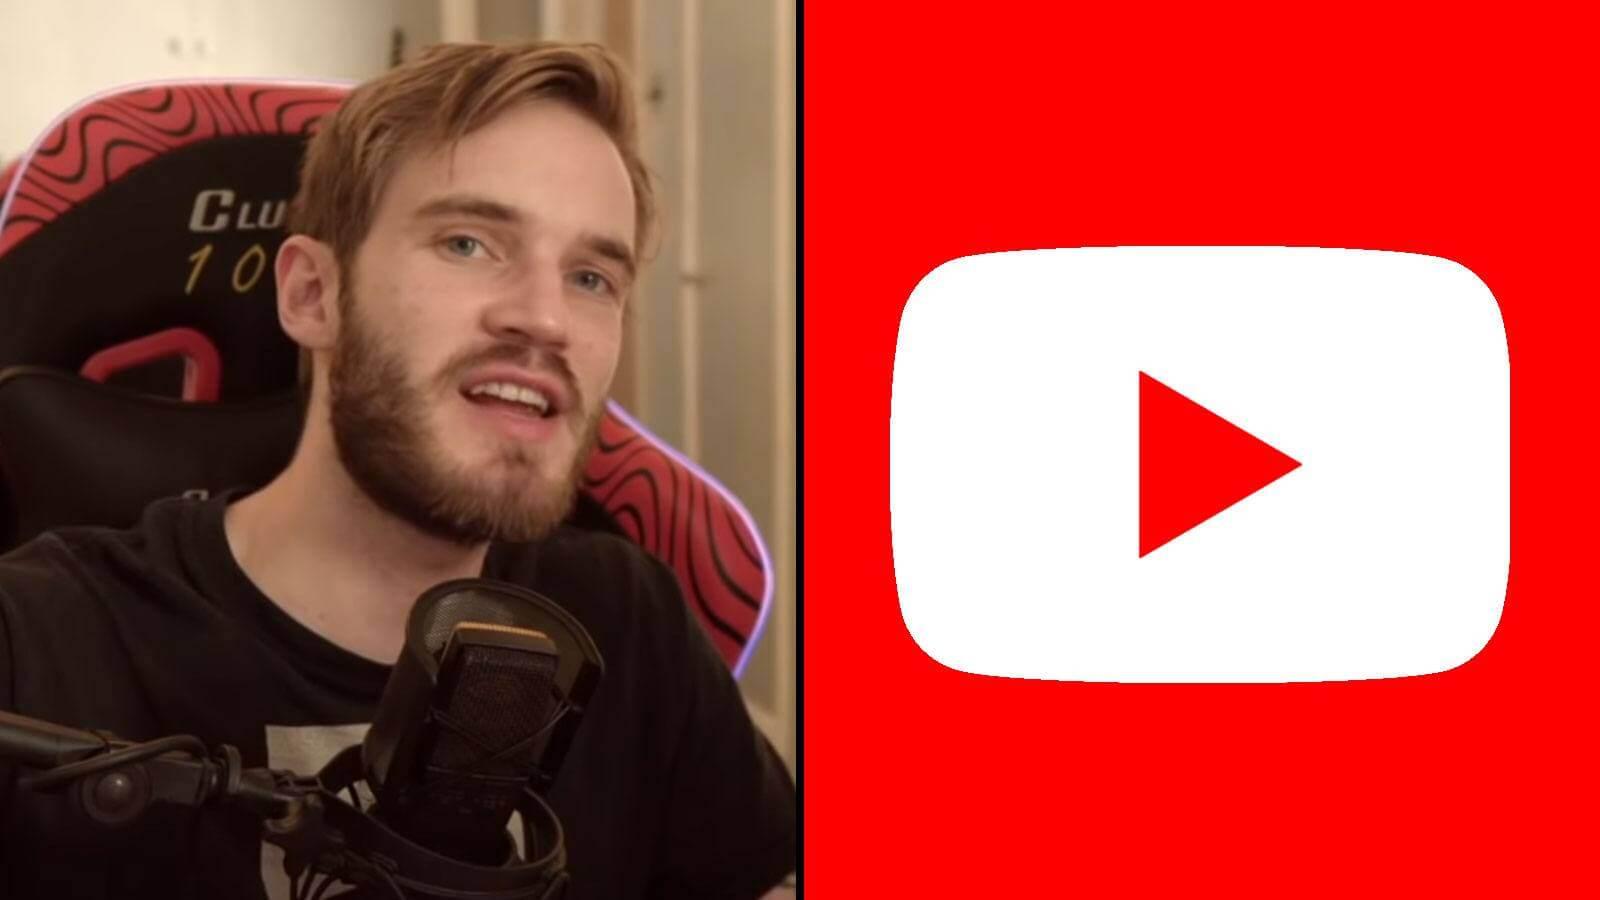 Le youtubeur suédois PewDiePie